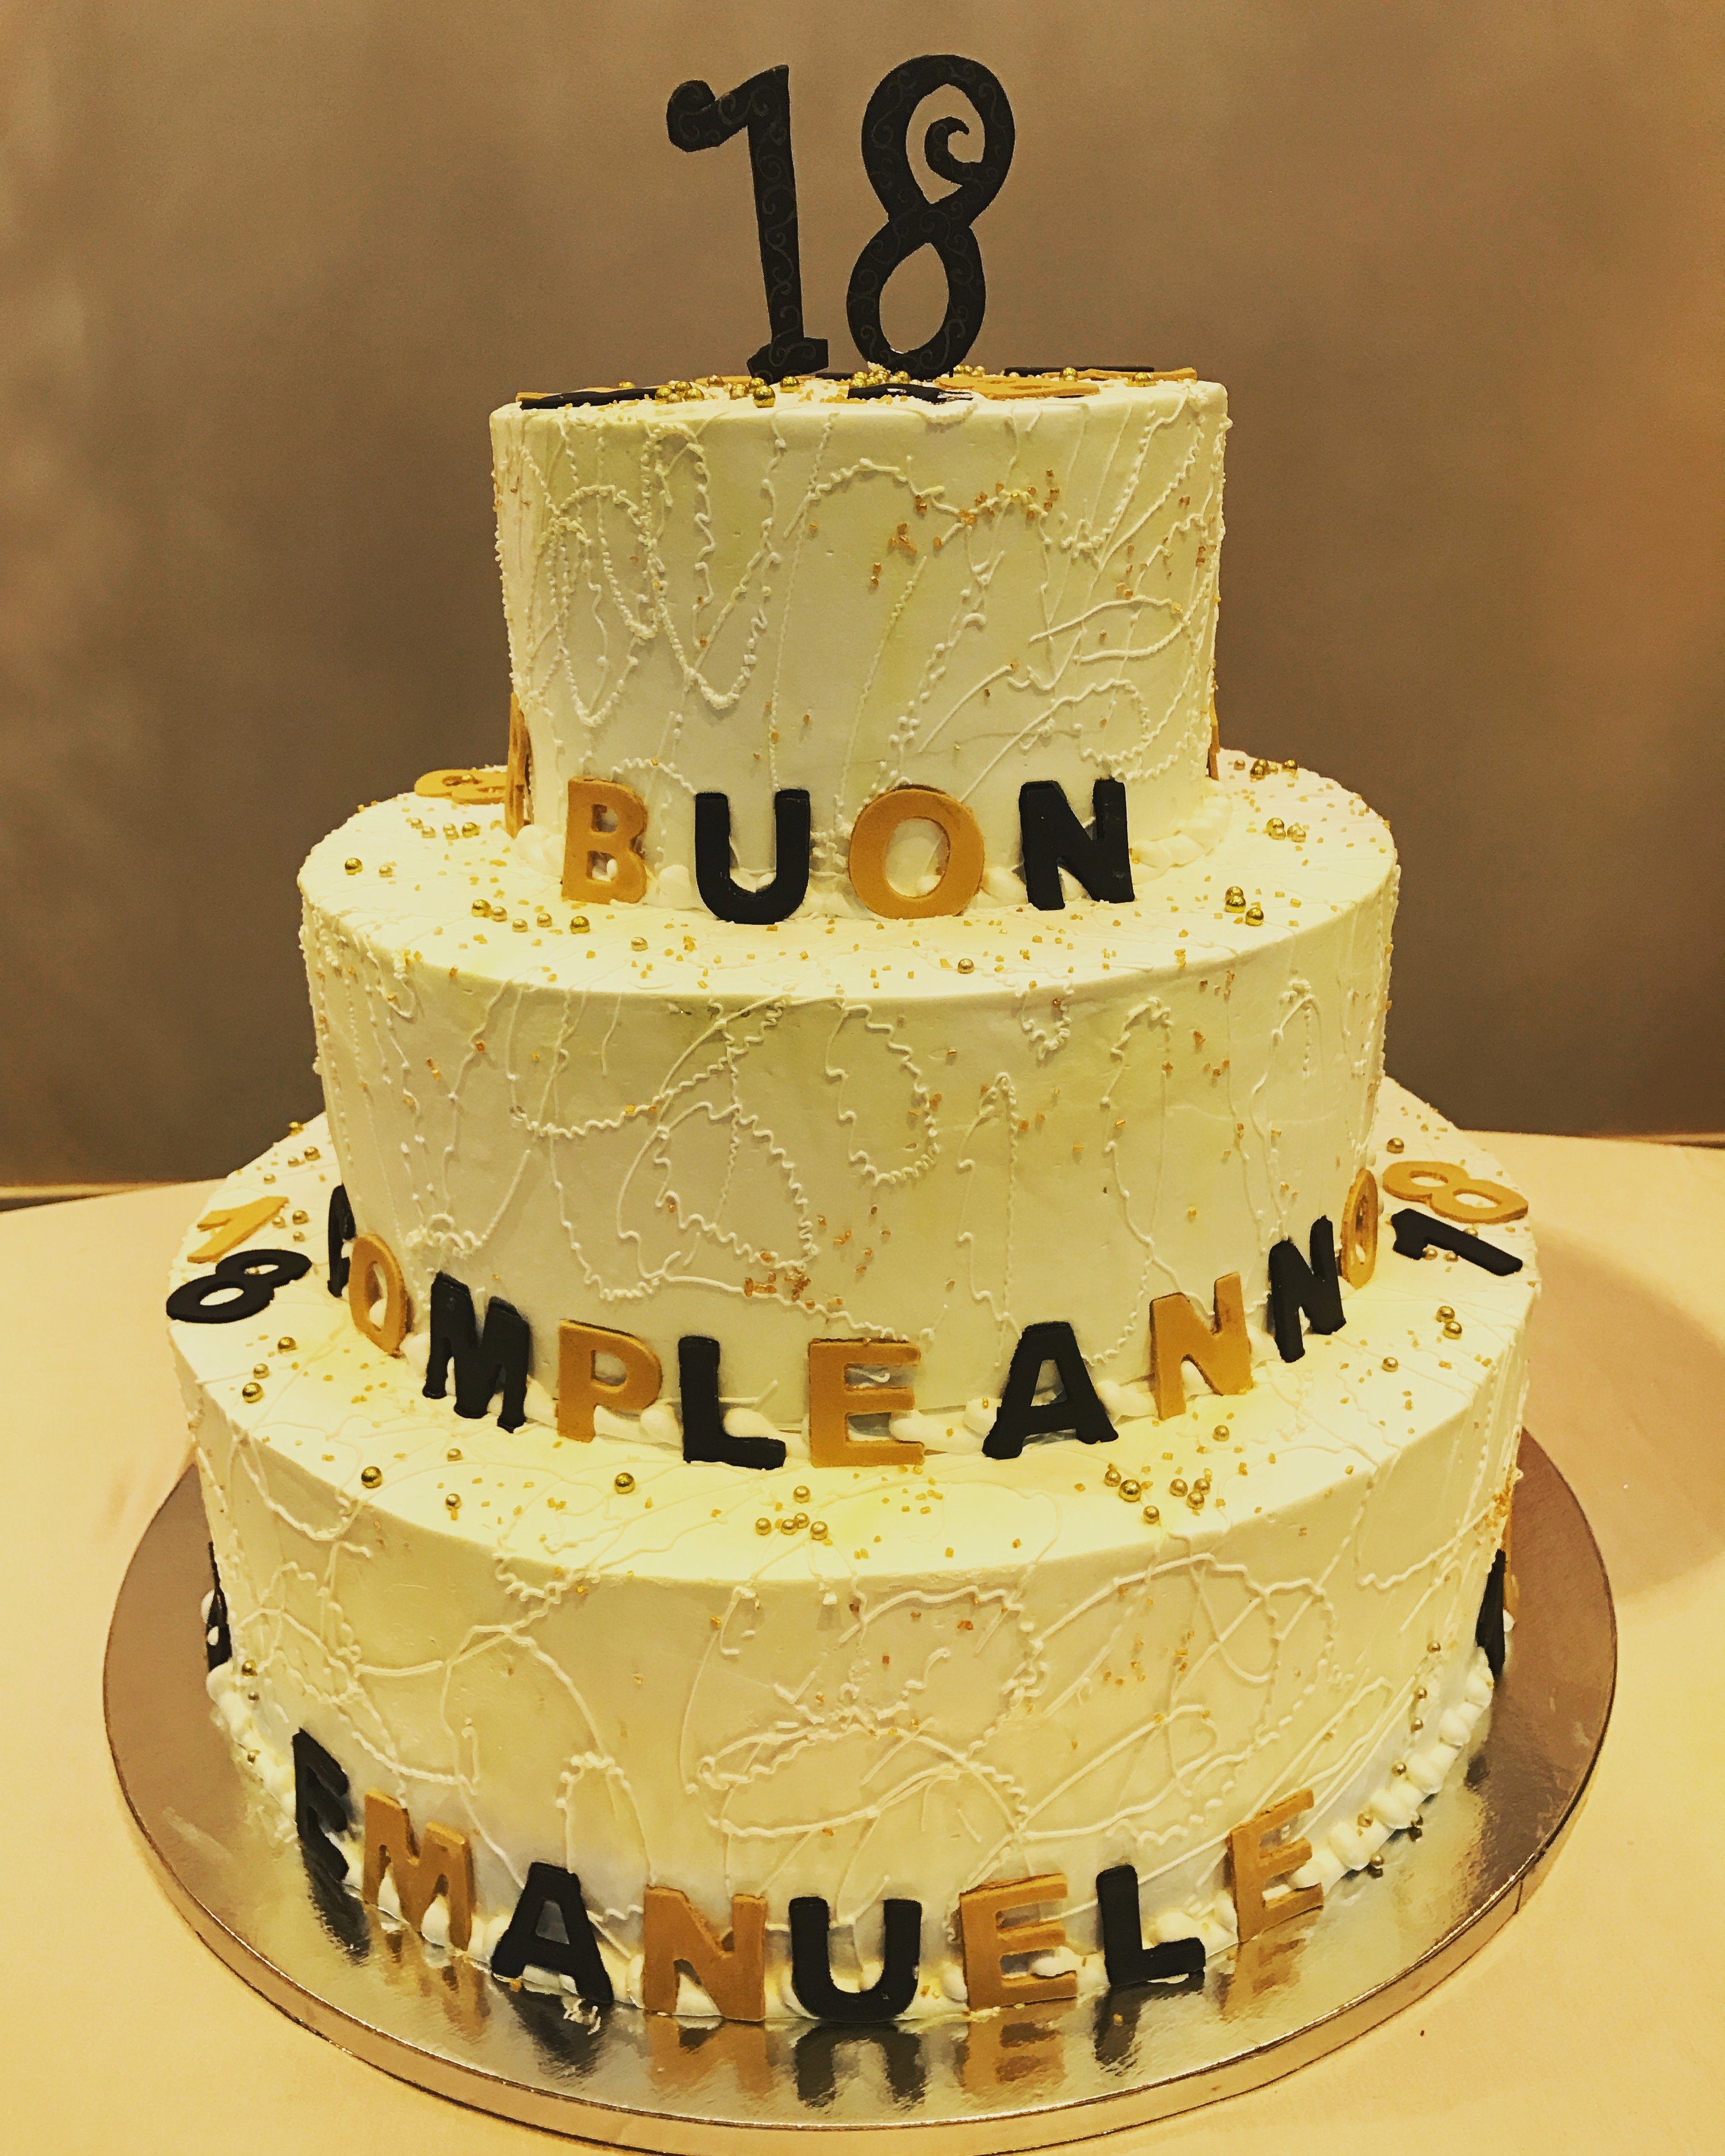 una torta a tre piani con scritto Buon